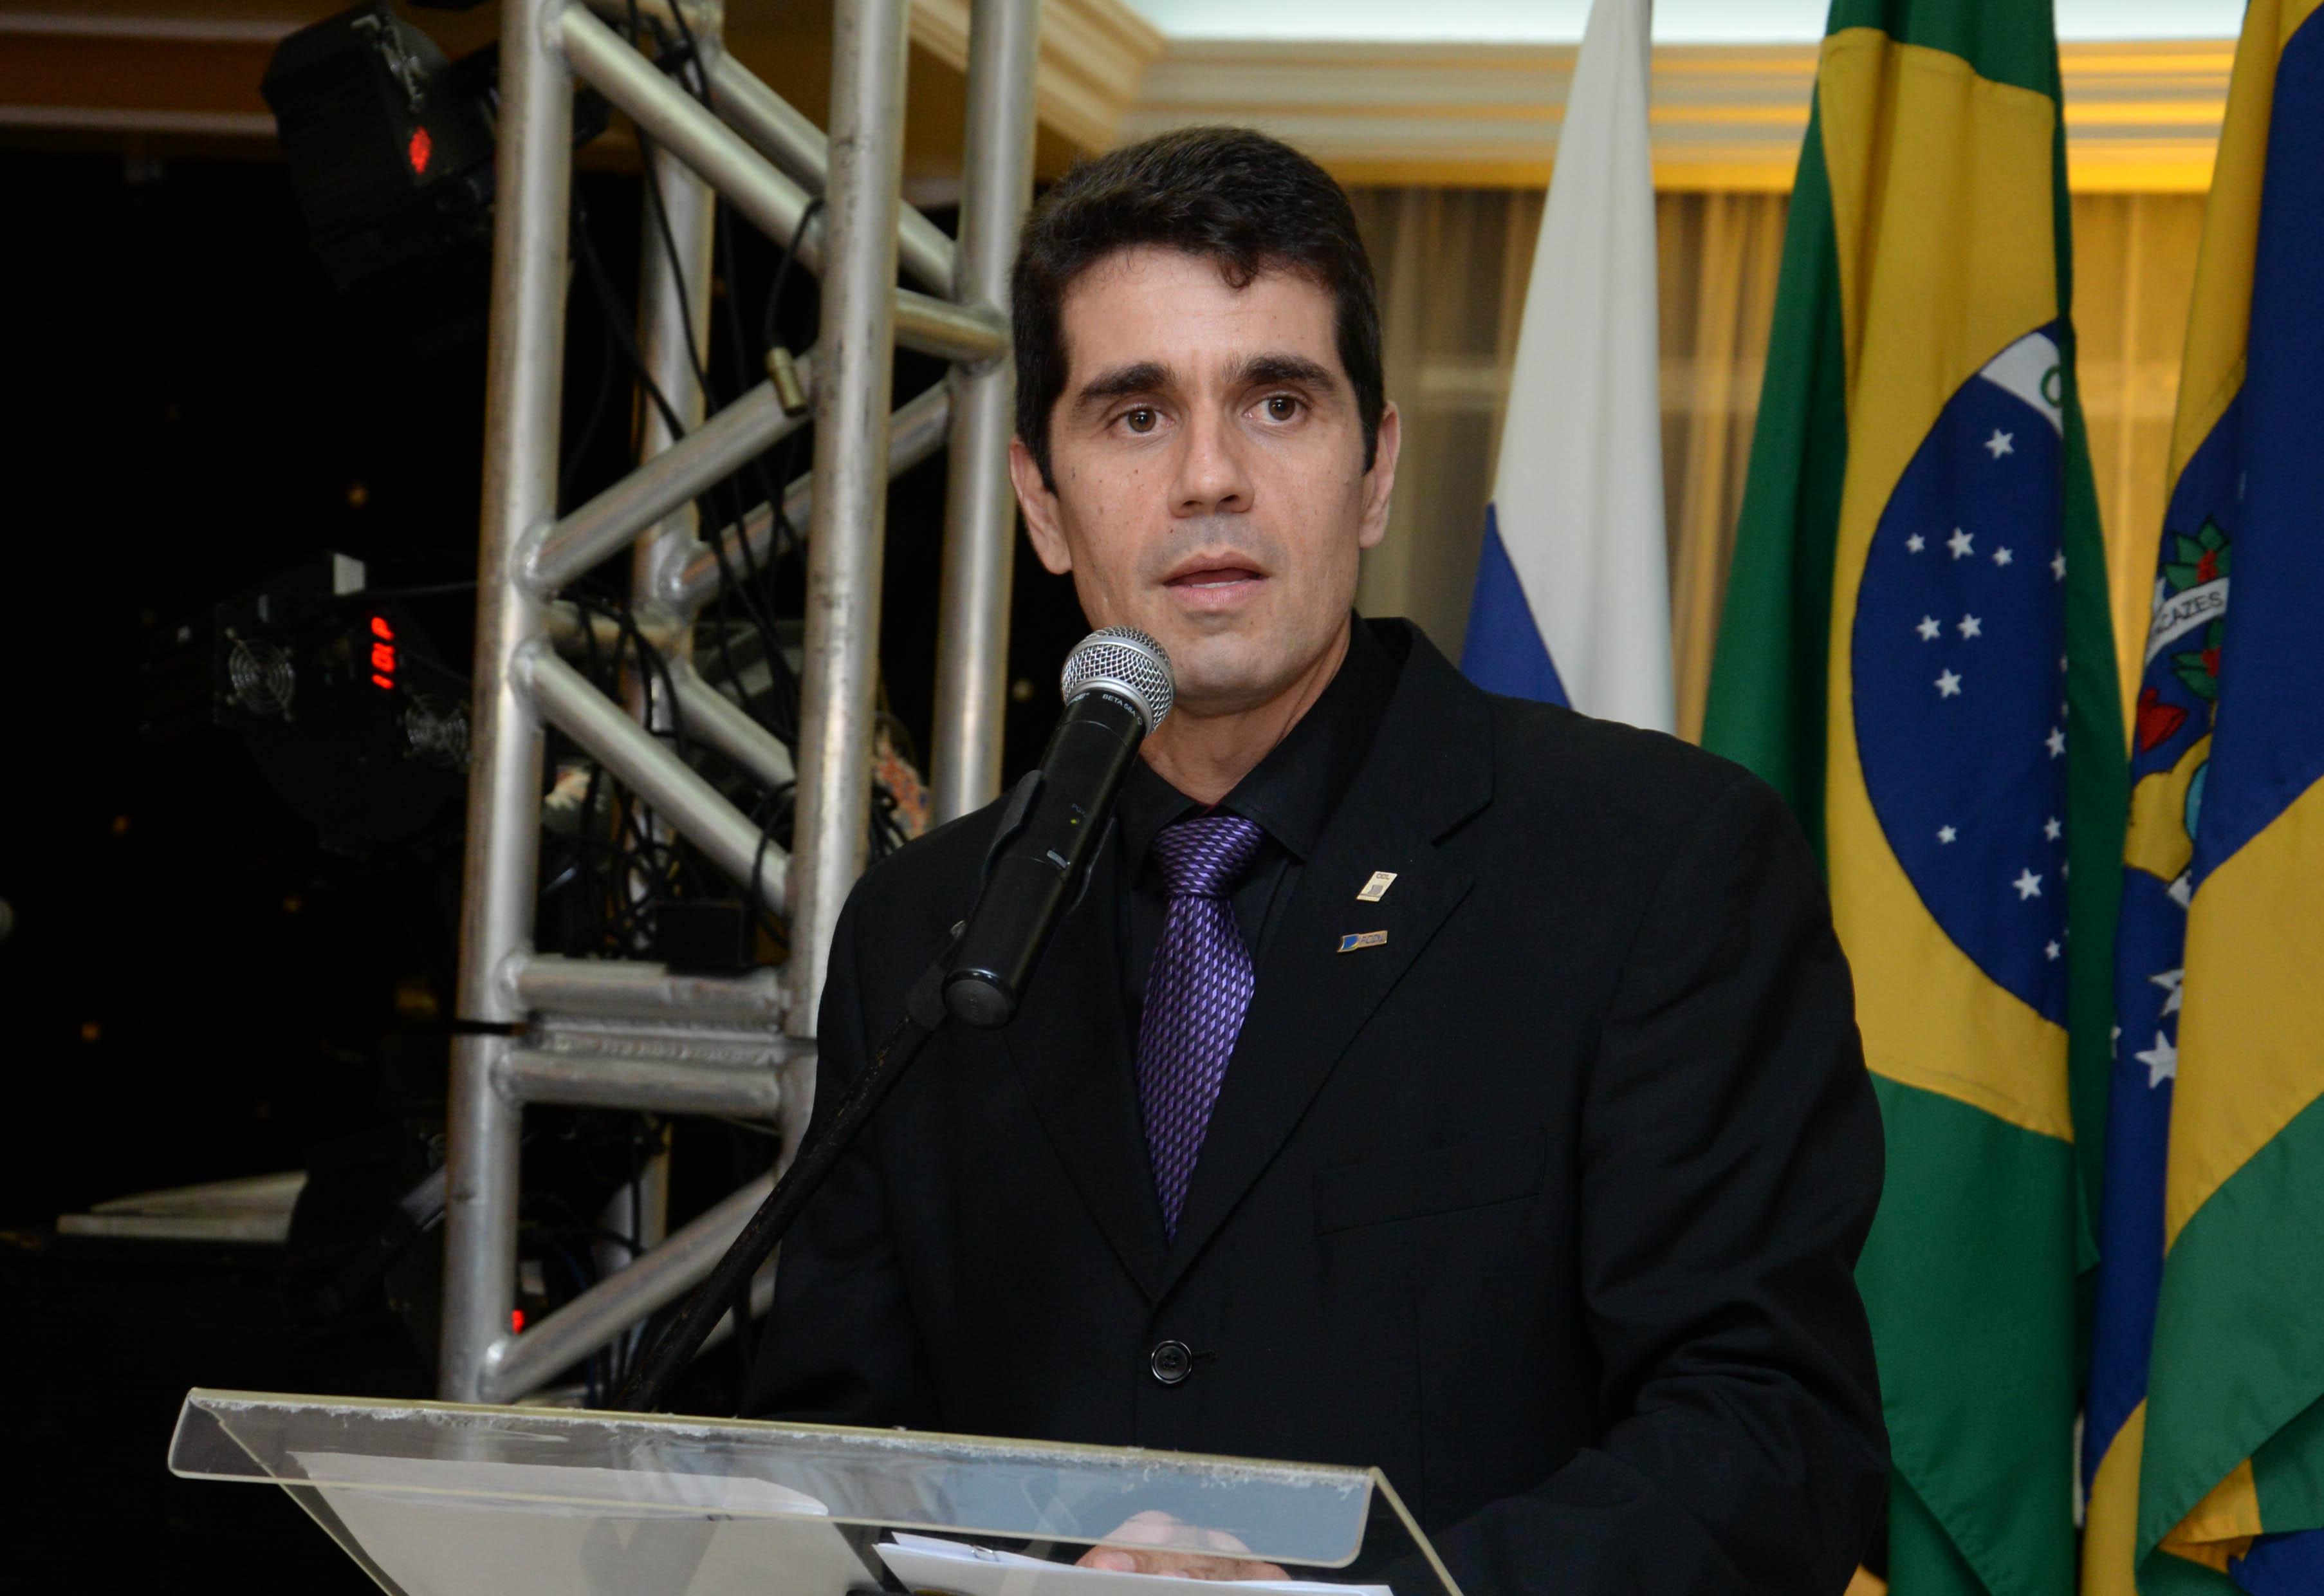 Mérida cotado para assumir o PSC de Campos